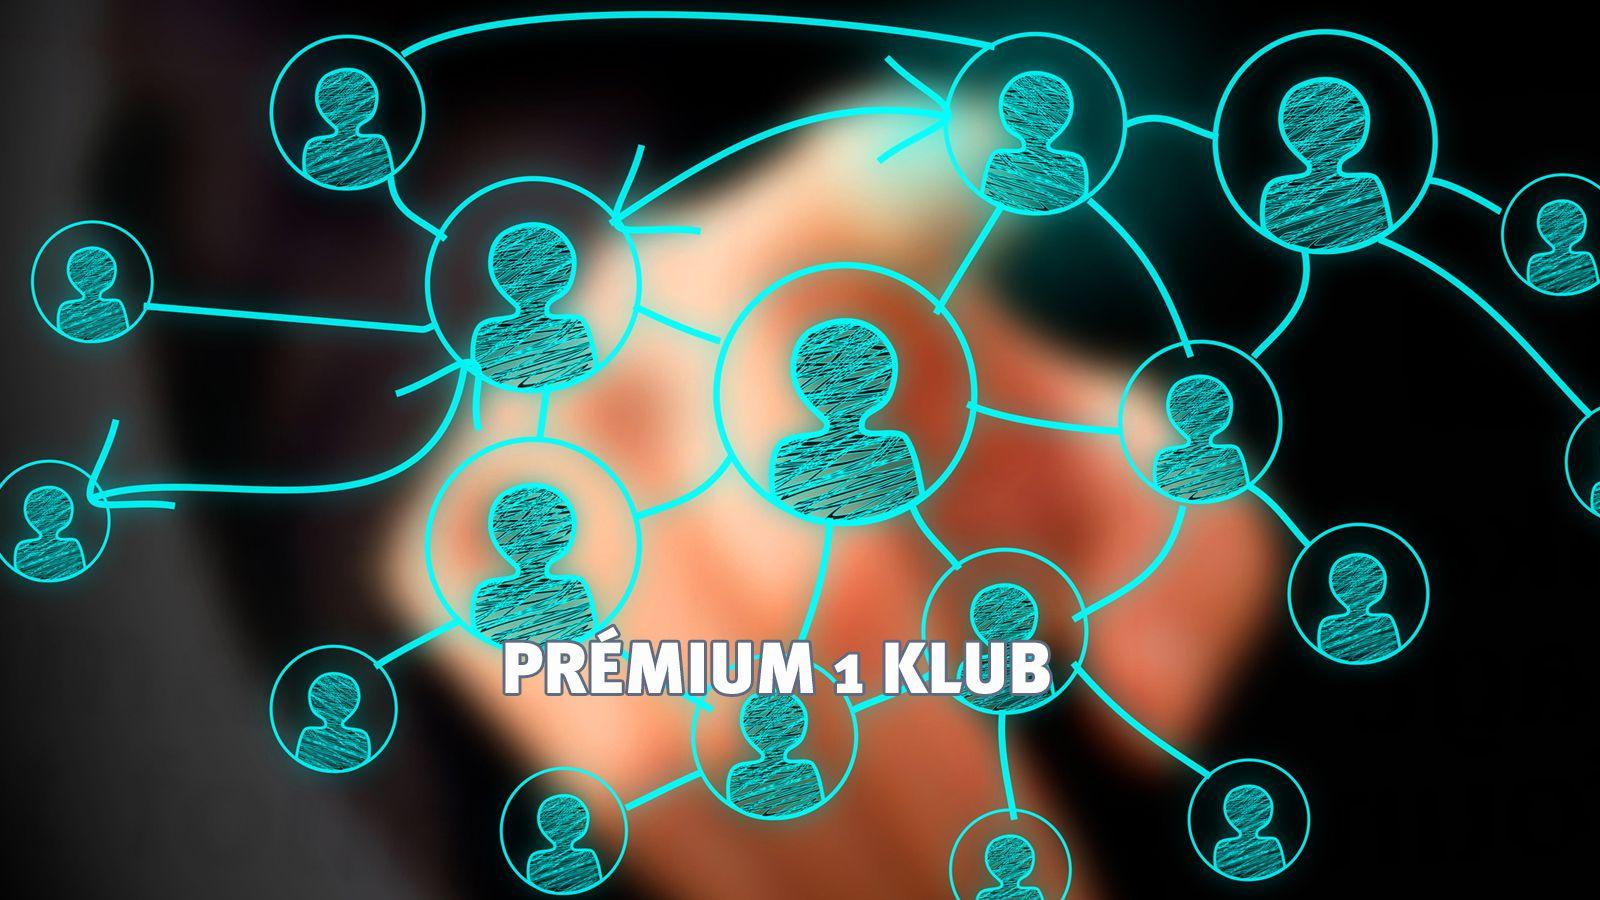 Business Flow / networking / kapcsolatépítés / Prémium 1